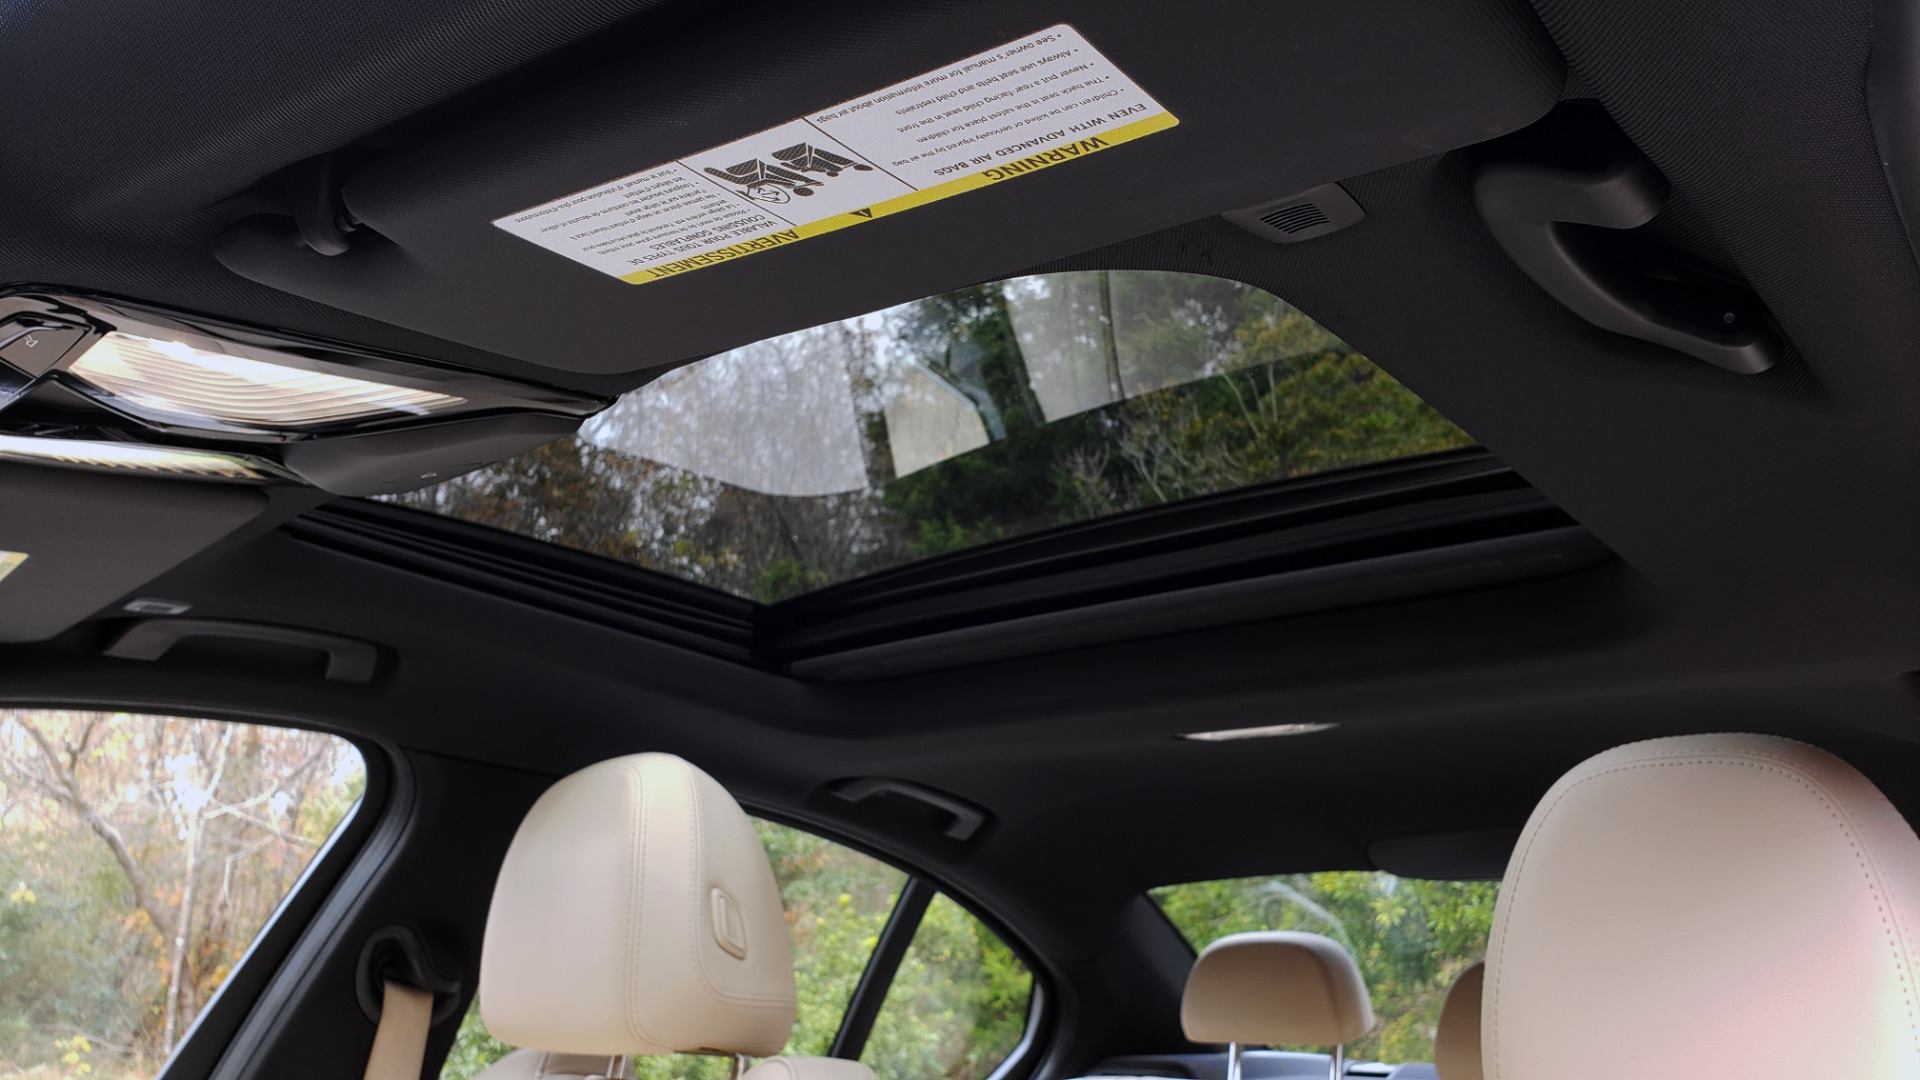 Used 2019 BMW 3 SERIES 330I PREM PKG / NAV / CONV PKG / H&K SND / LIVE COCKPIT PRO for sale Sold at Formula Imports in Charlotte NC 28227 25